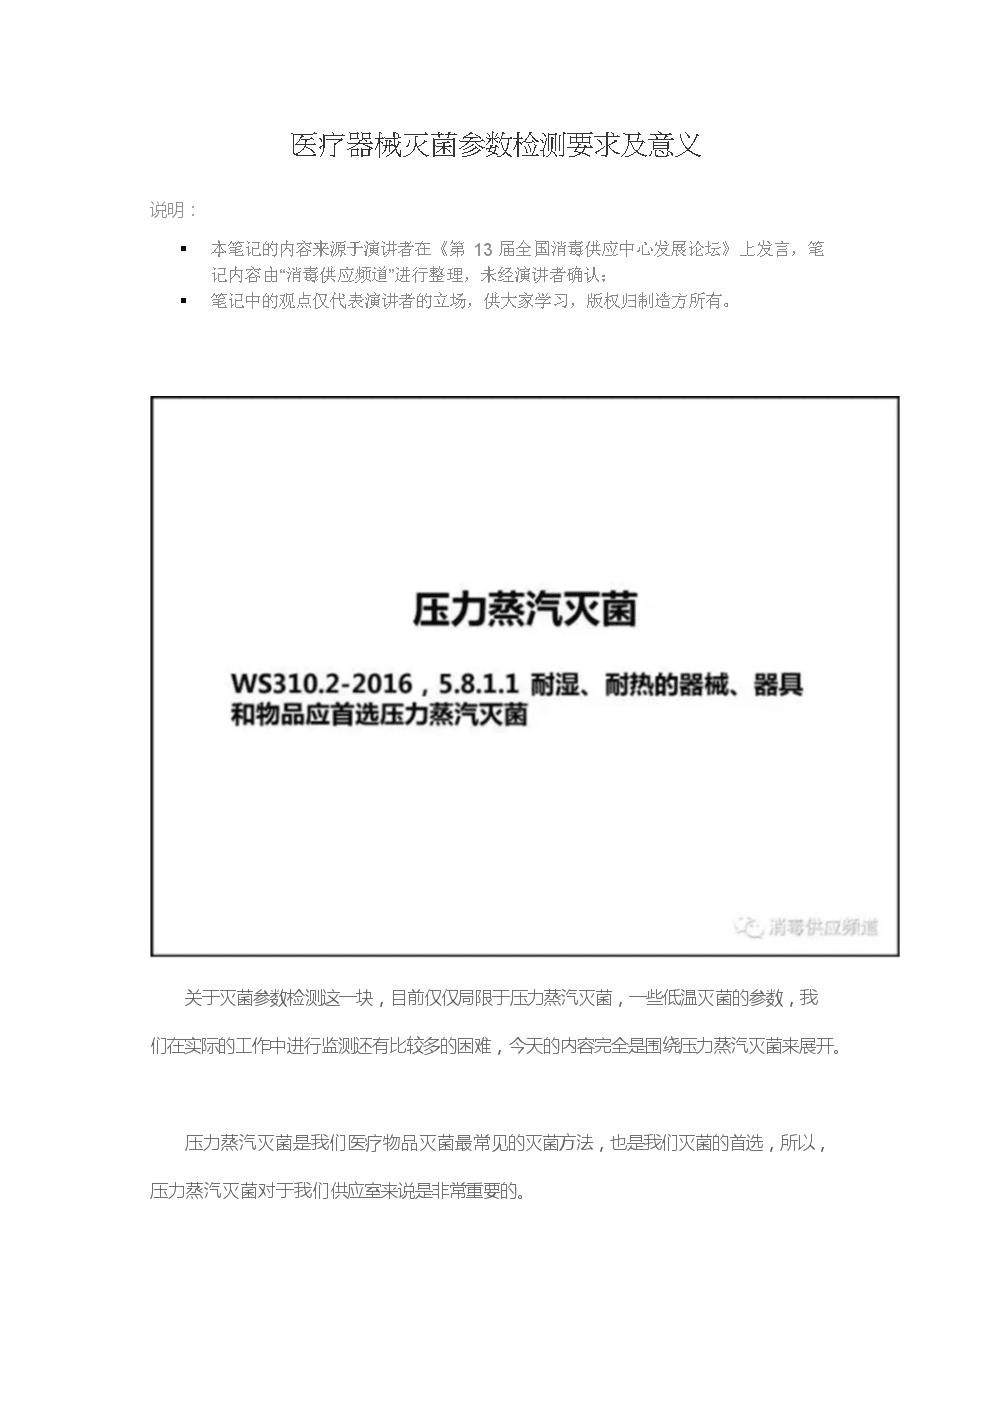 医疗器械灭菌参数检测要求及意义.docx